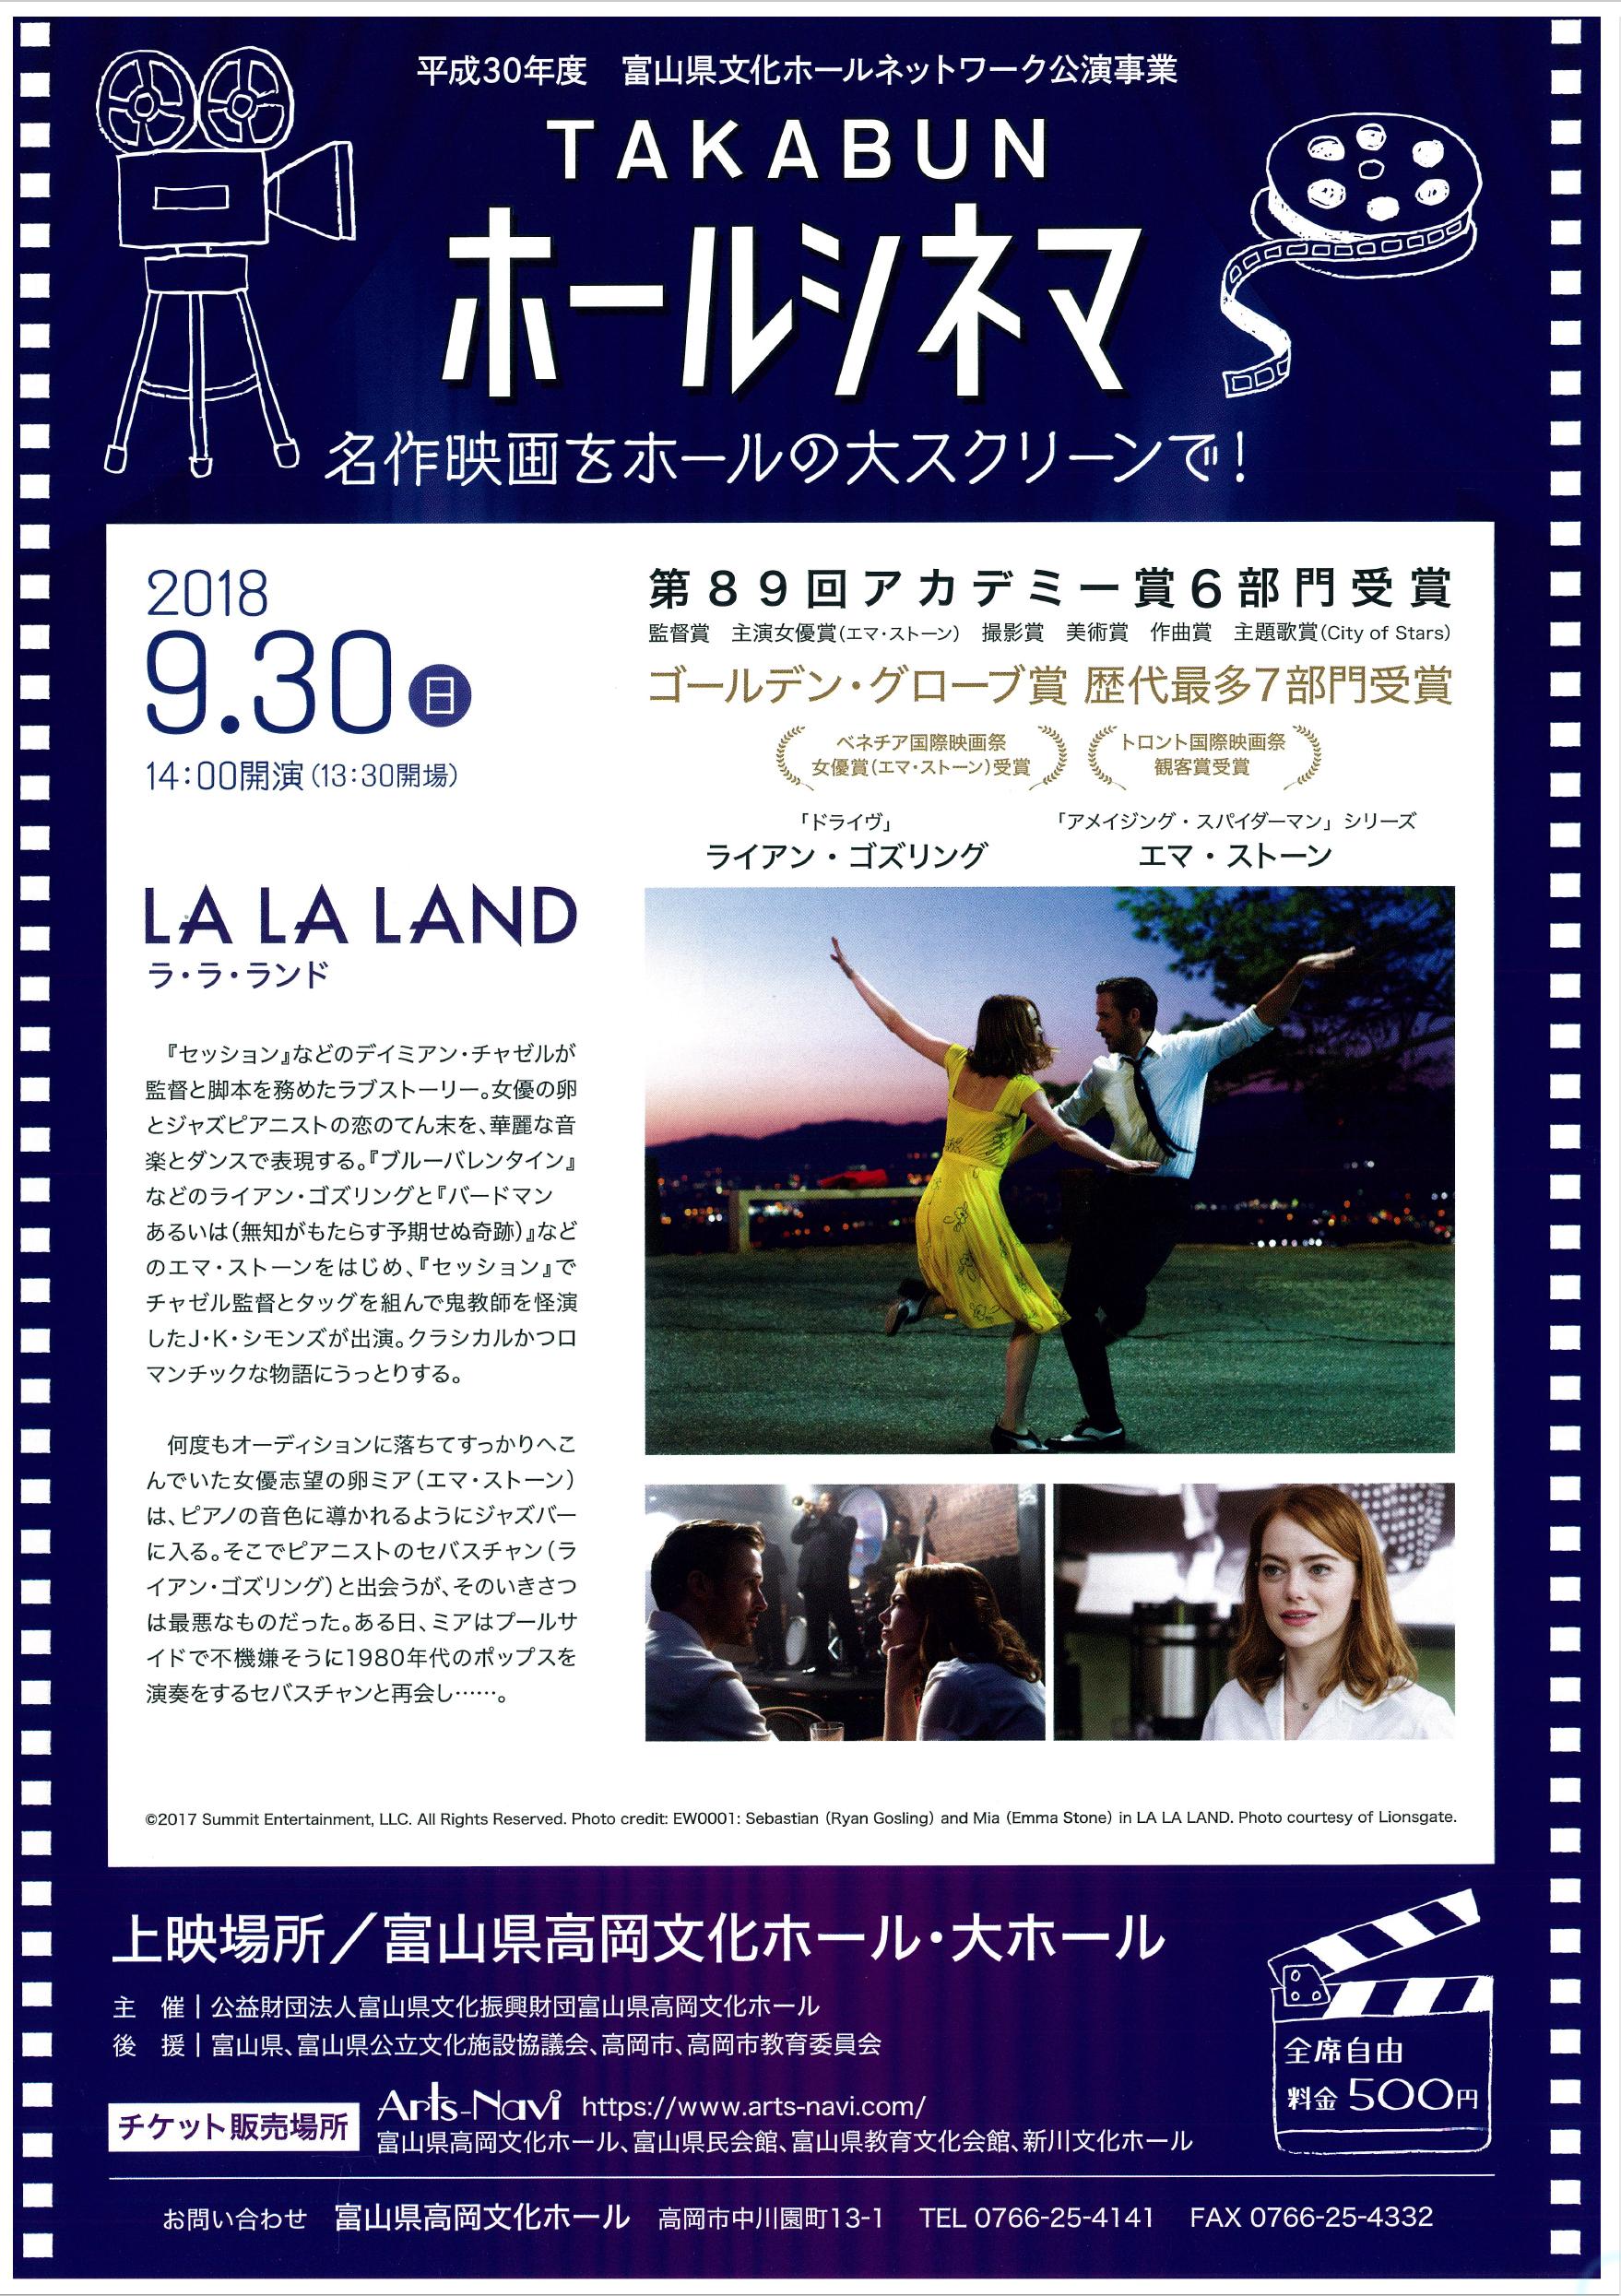 ホールシネマイントヤマ2018「ラ・ラ・ランド」